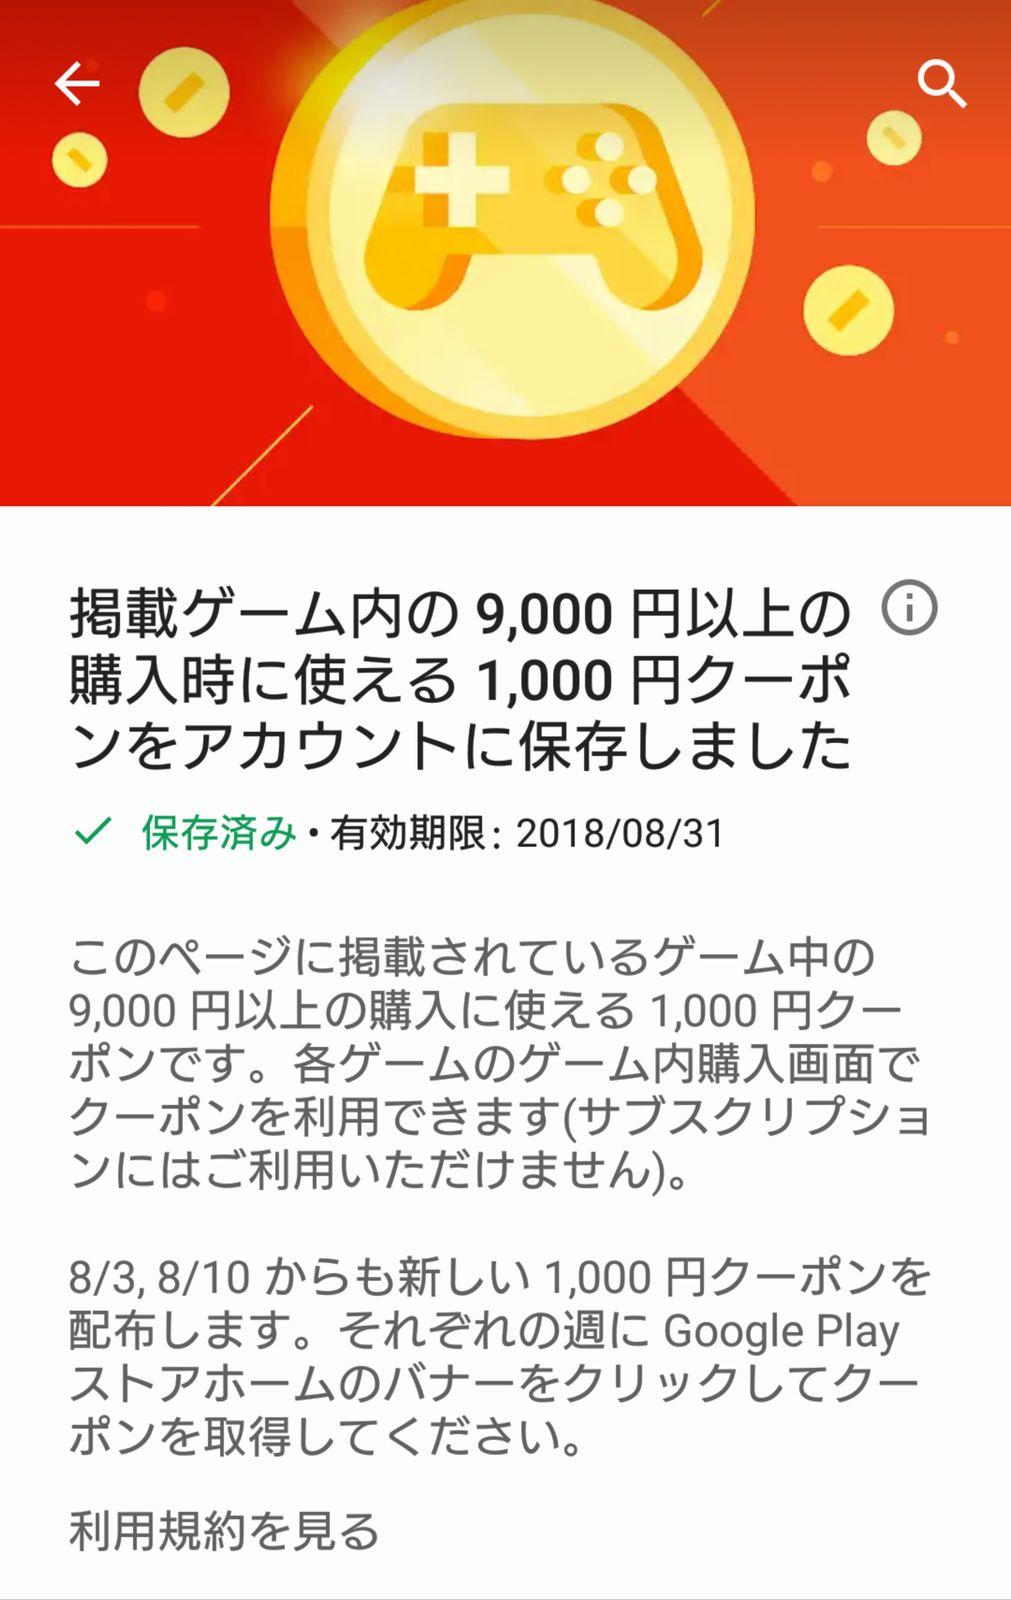 Google Playで1,000円クーポン配布中!9,000円以上のアイテム購入時に使用可能